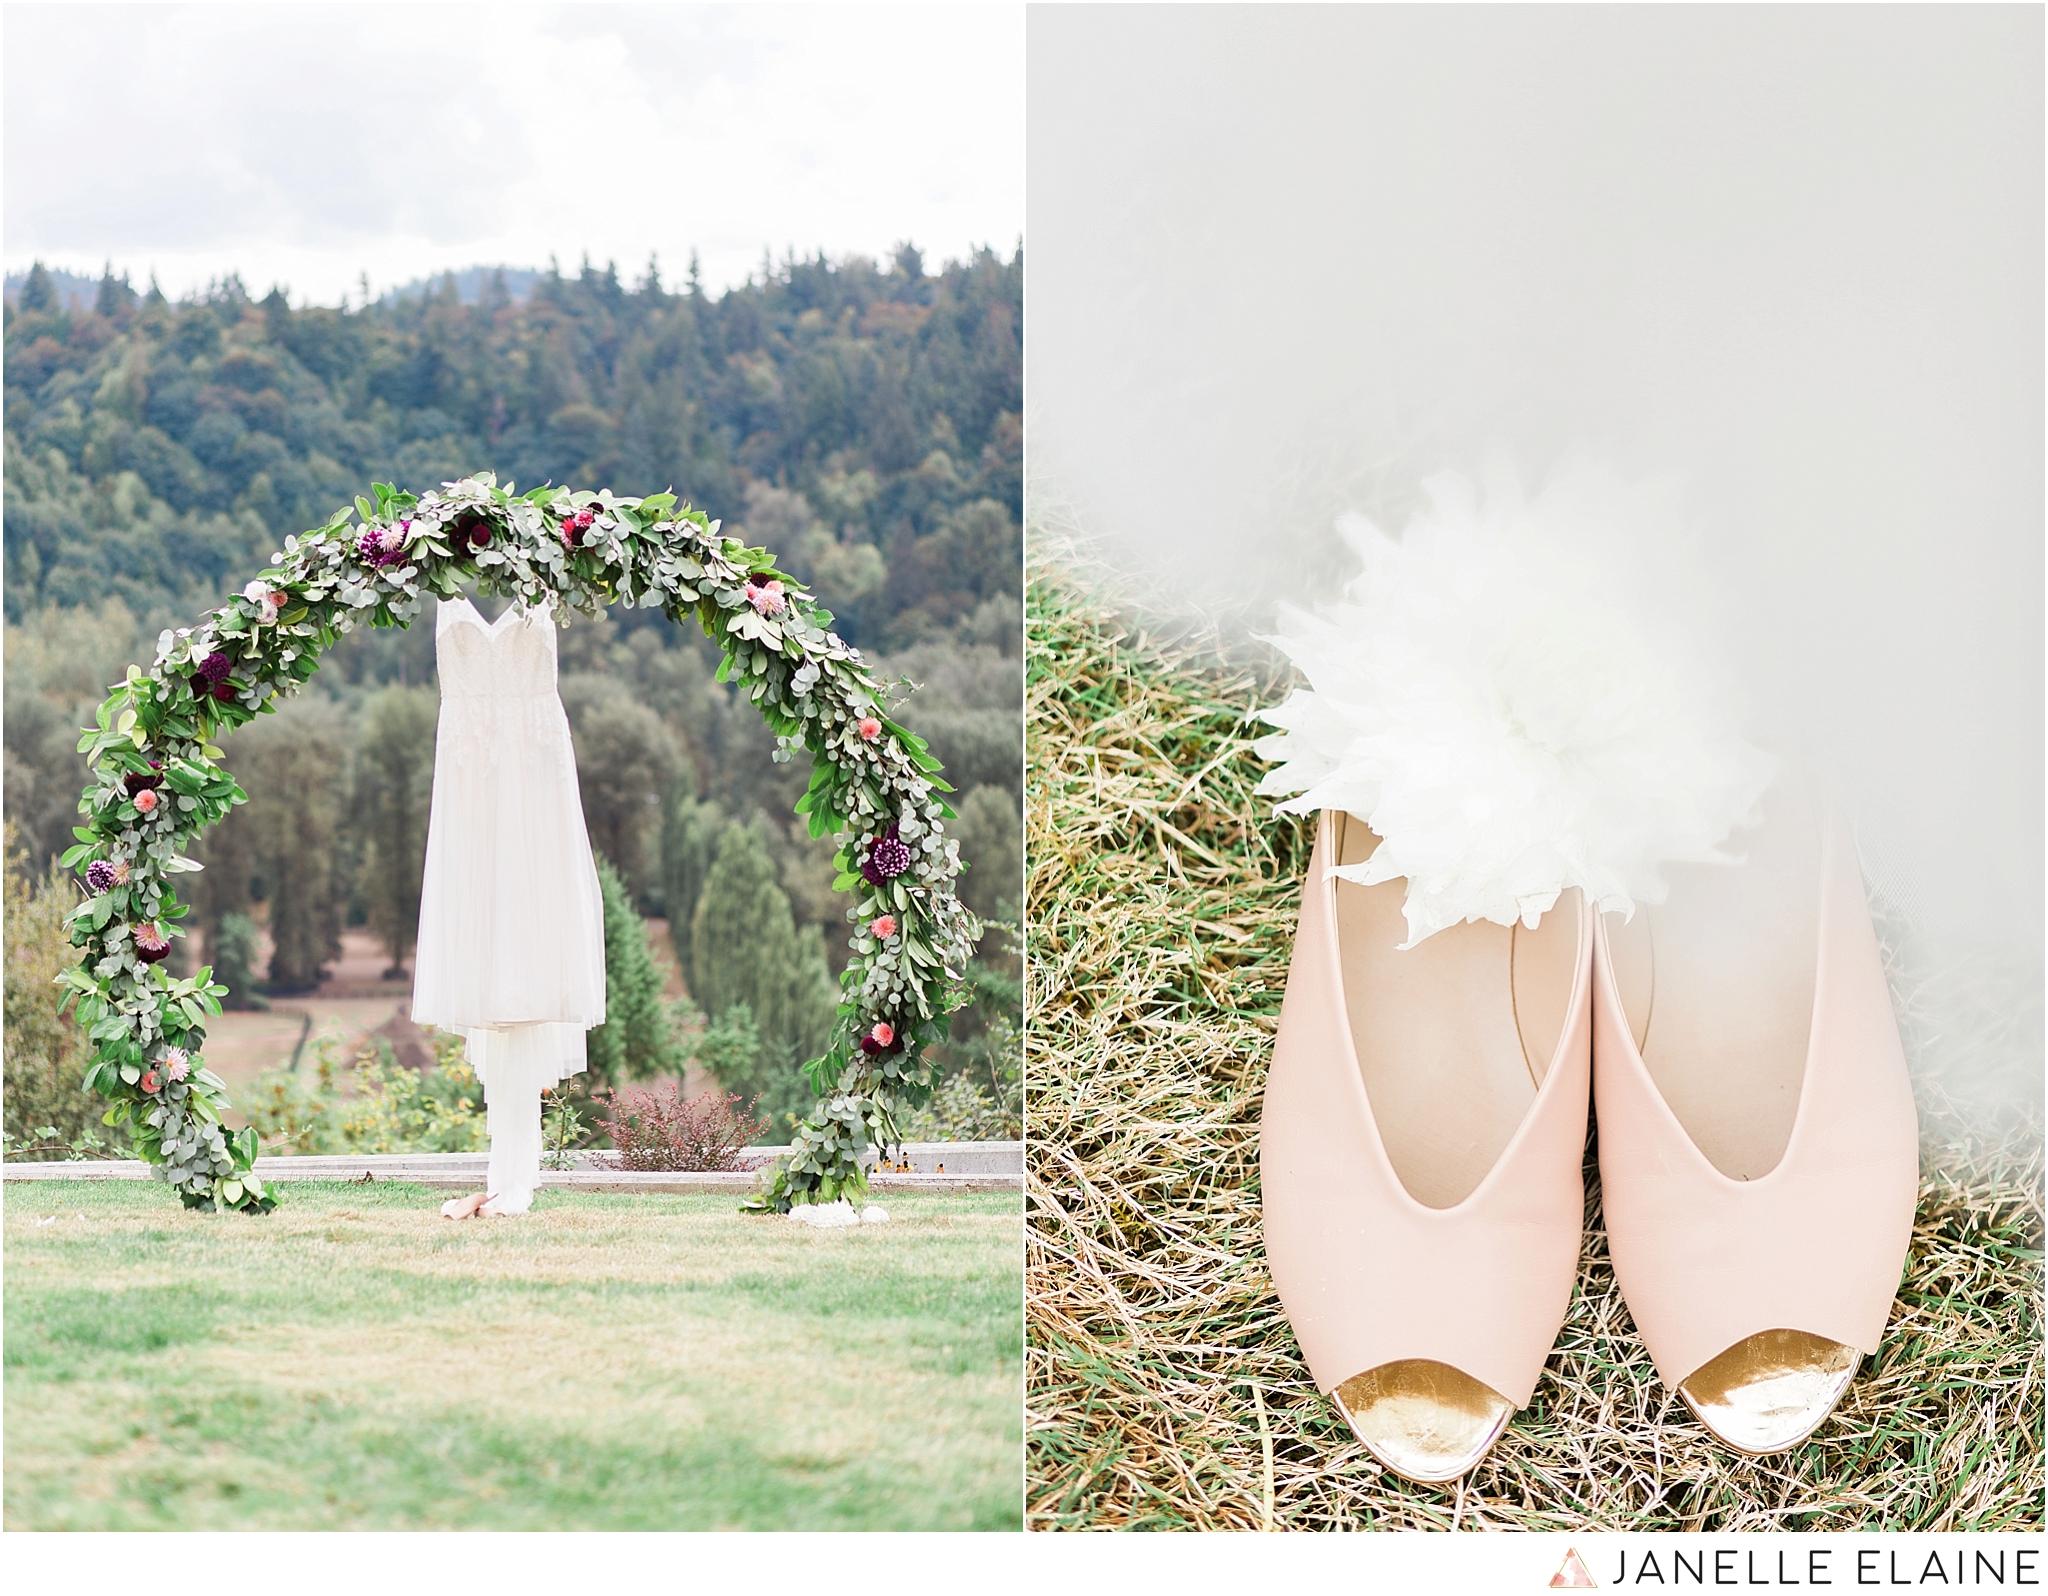 seattle-portrait-engagement-wedding-photographer-janelle-elaine-photography-1.jpg